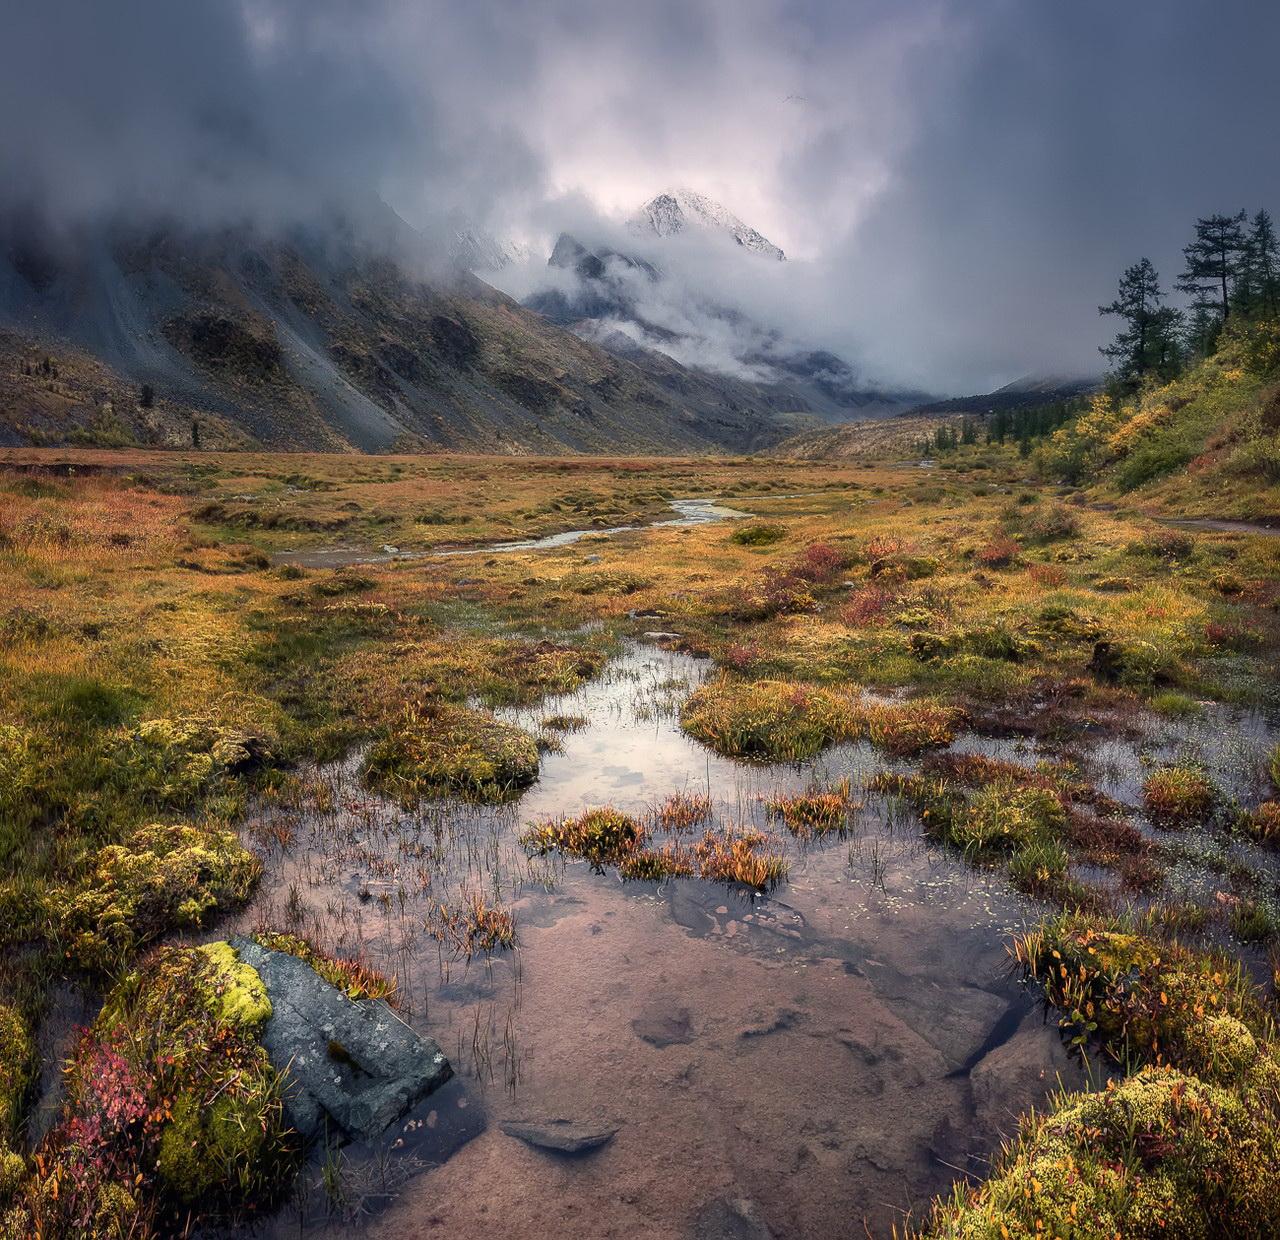 всем этом дикая природа фото пейзаж его можно найти